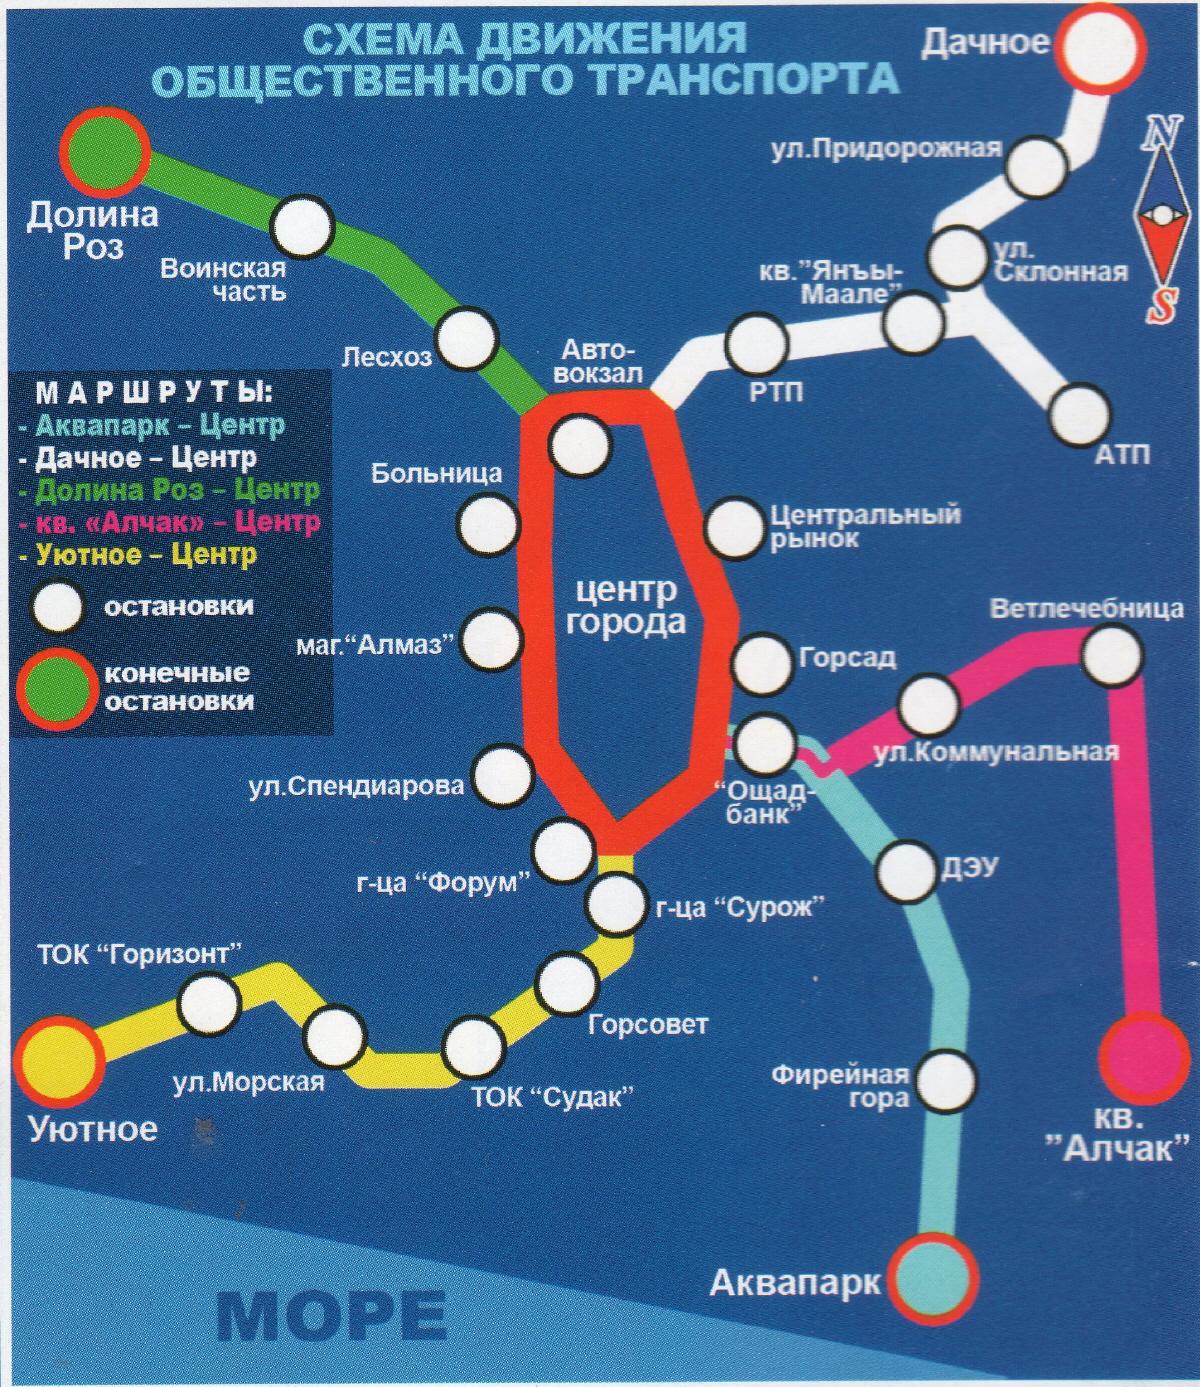 Схема транспорта ялты-общественный транспорт в ялте арриво.